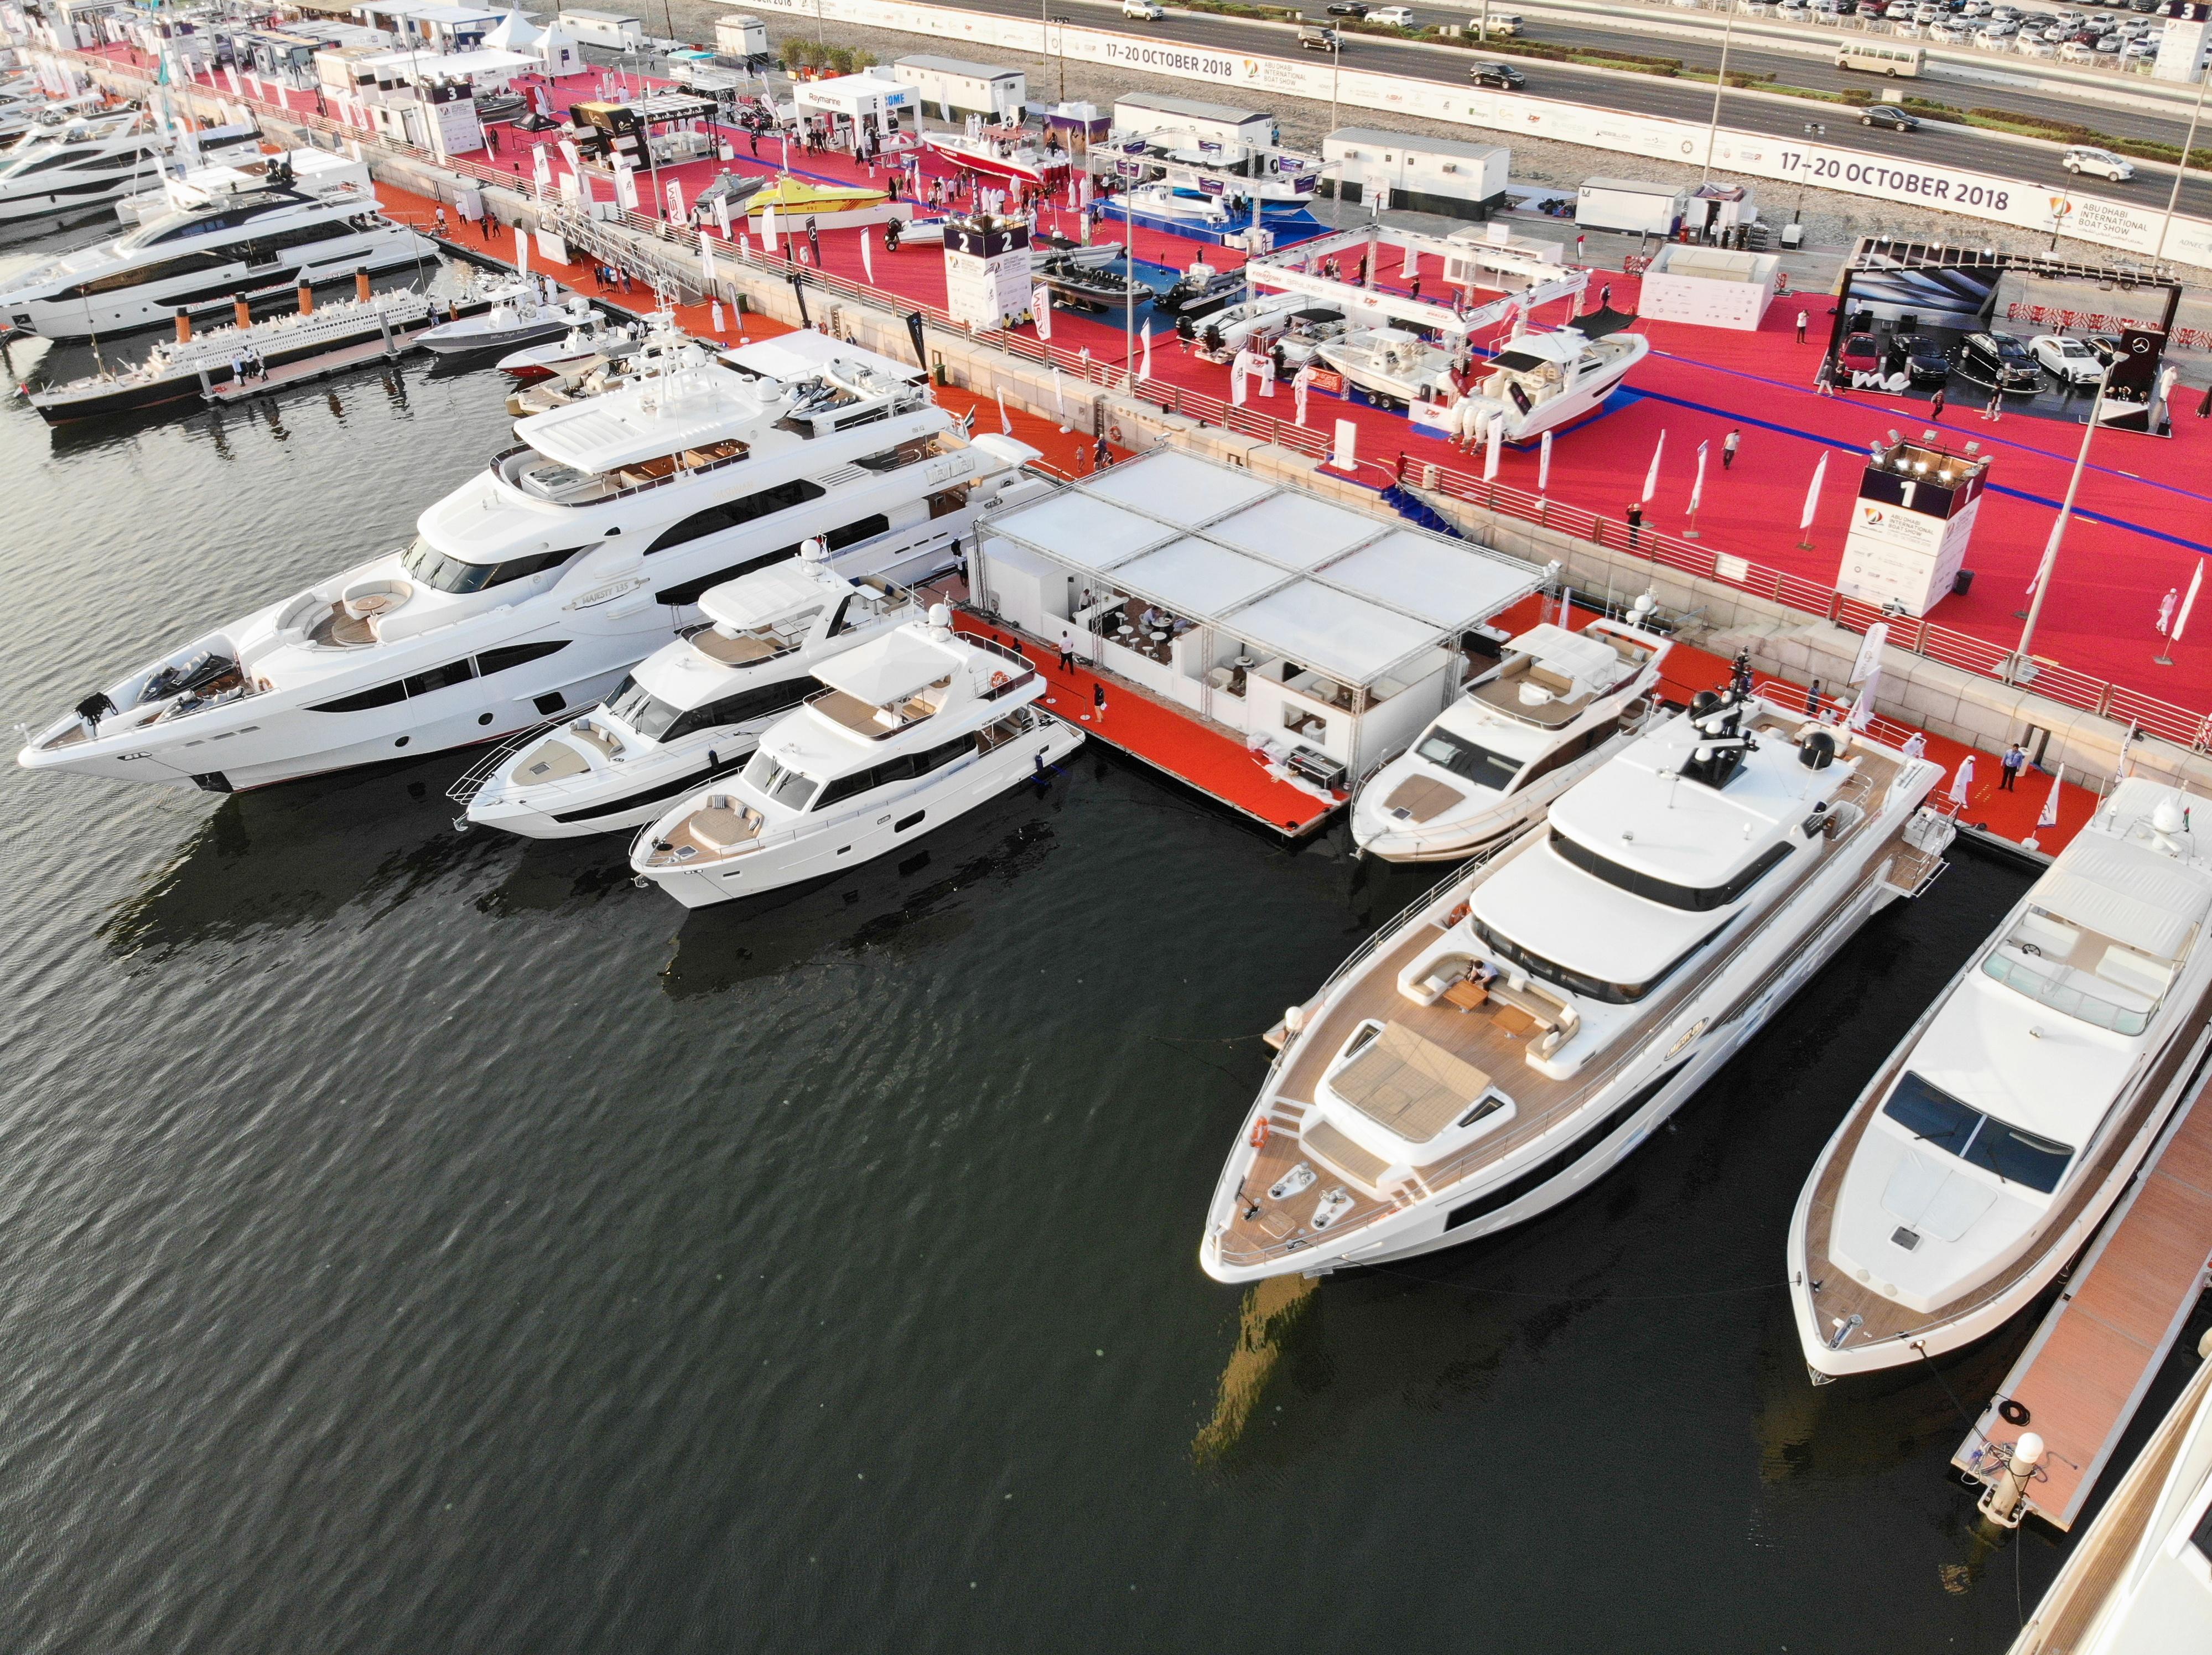 Gulf Craft Fleet at Abu Dhabi Boat Show 2018 (4).jpg